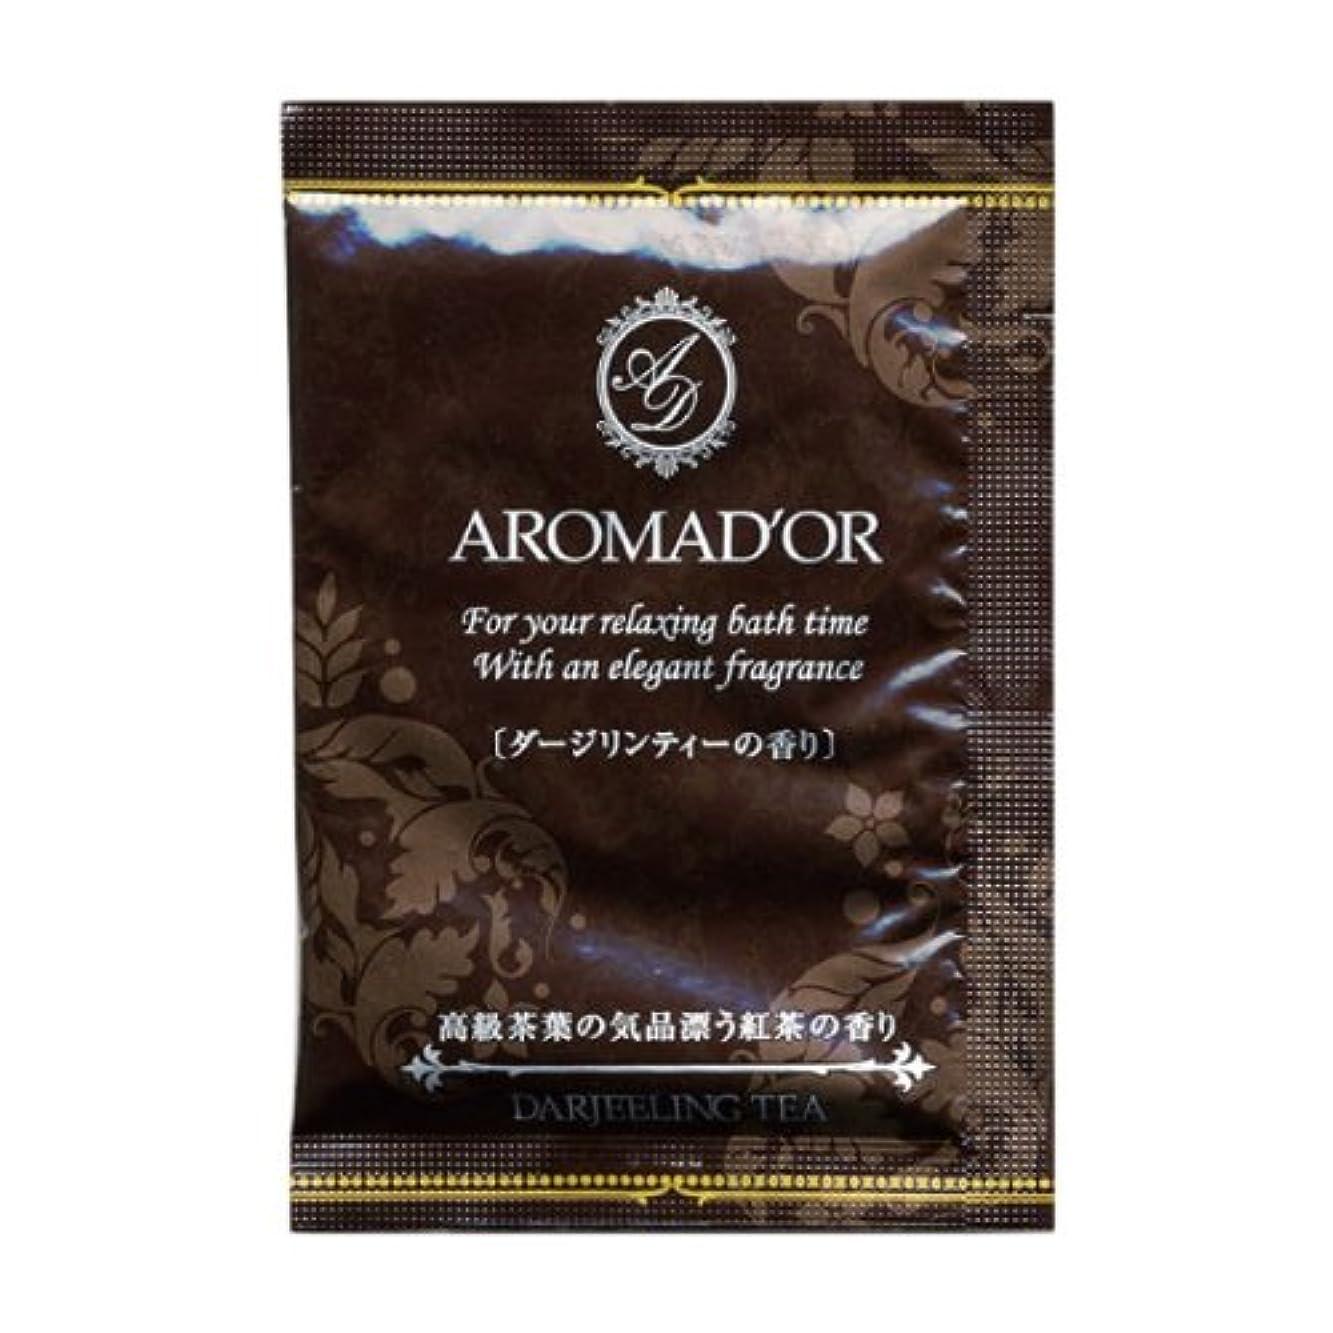 シャーロットブロンテ緩める抜け目がないアロマドール入浴剤 ダージリンティーの香り 12包